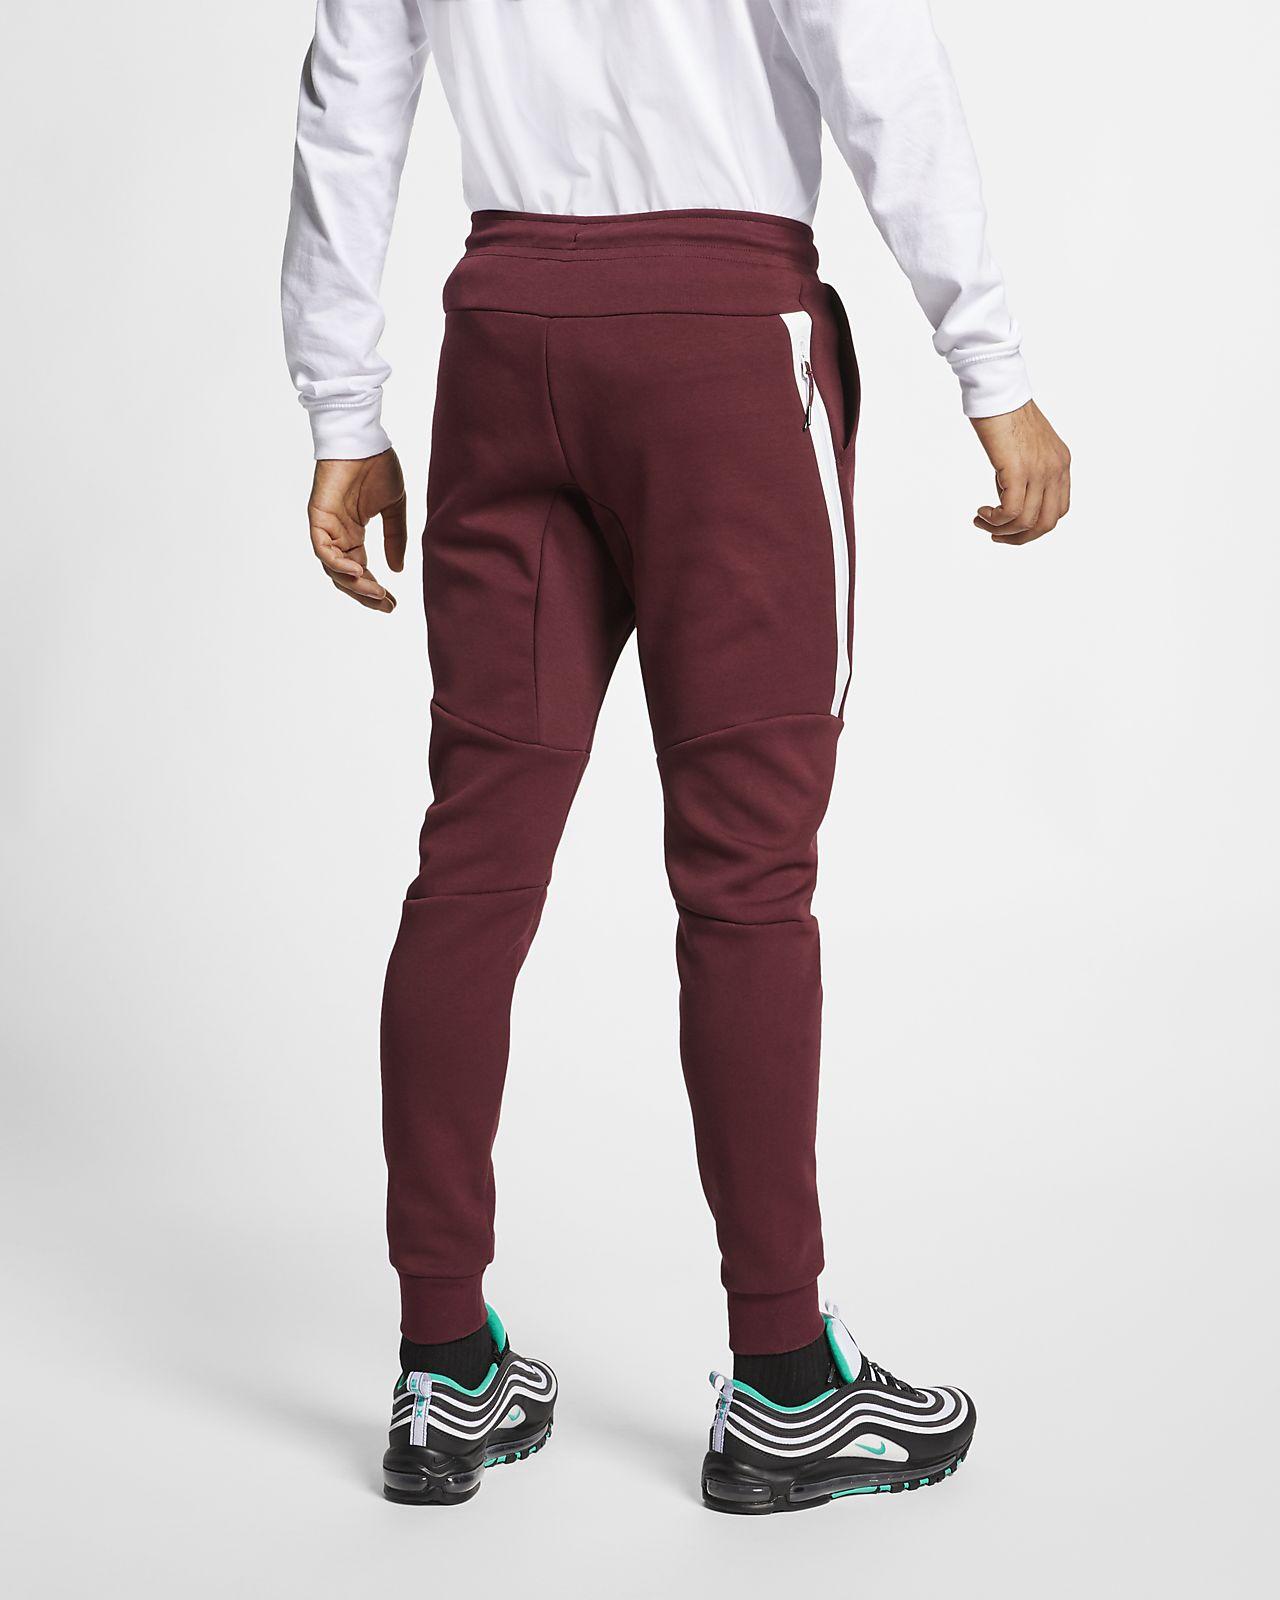 2feb790180be24 Nike Sportswear Tech Fleece Herren-Jogger. Nike.com CH